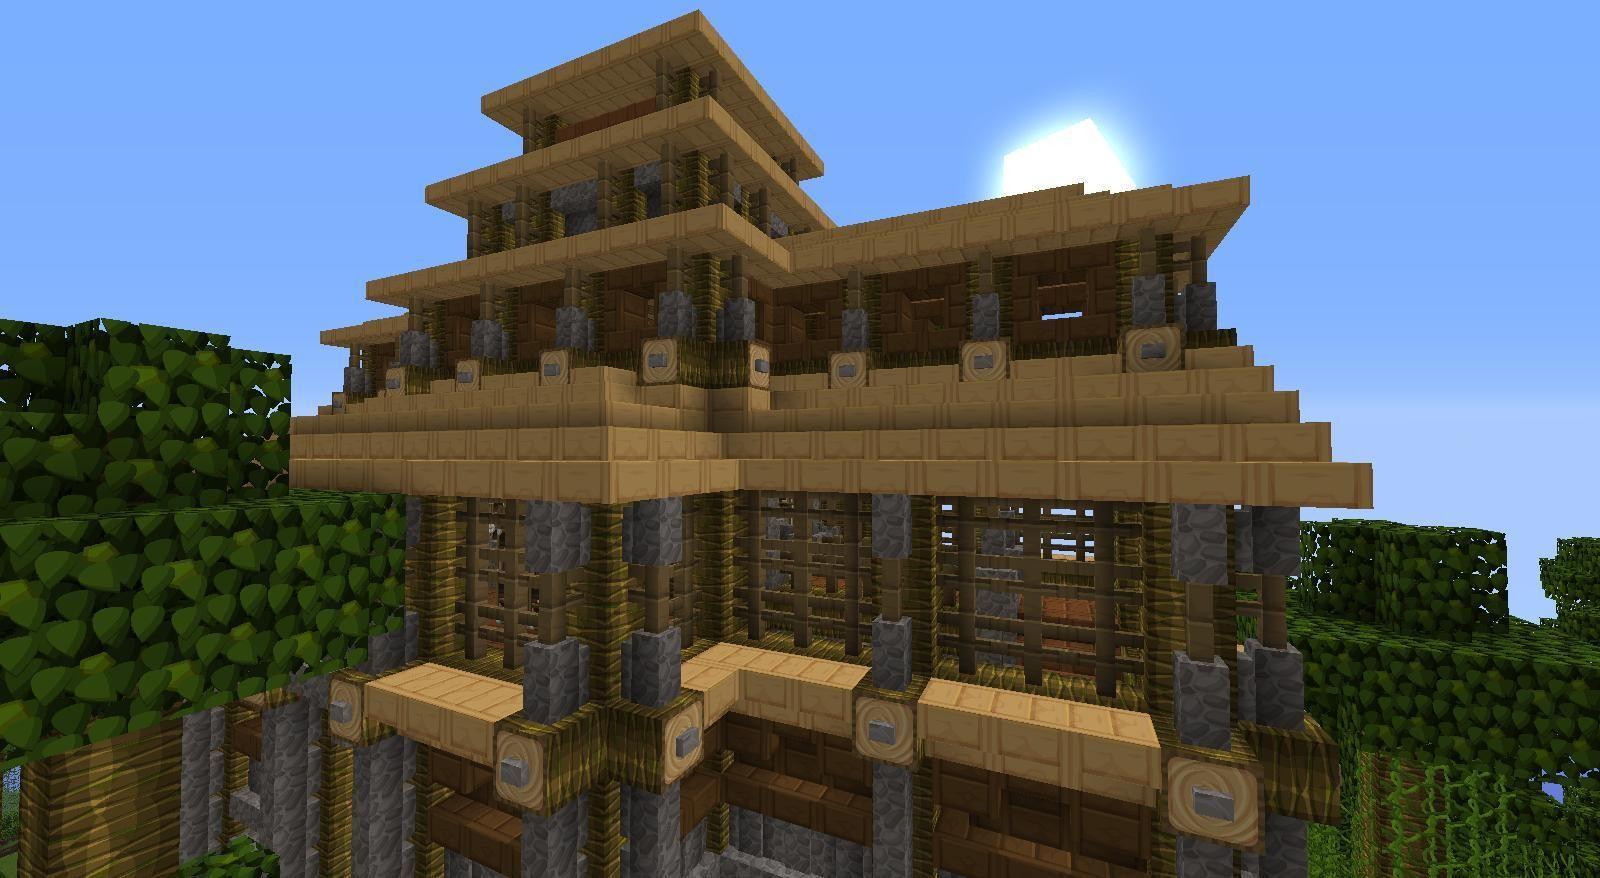 Minecraft Jungle House Side 20140511143236 536f8a04259ed 1600